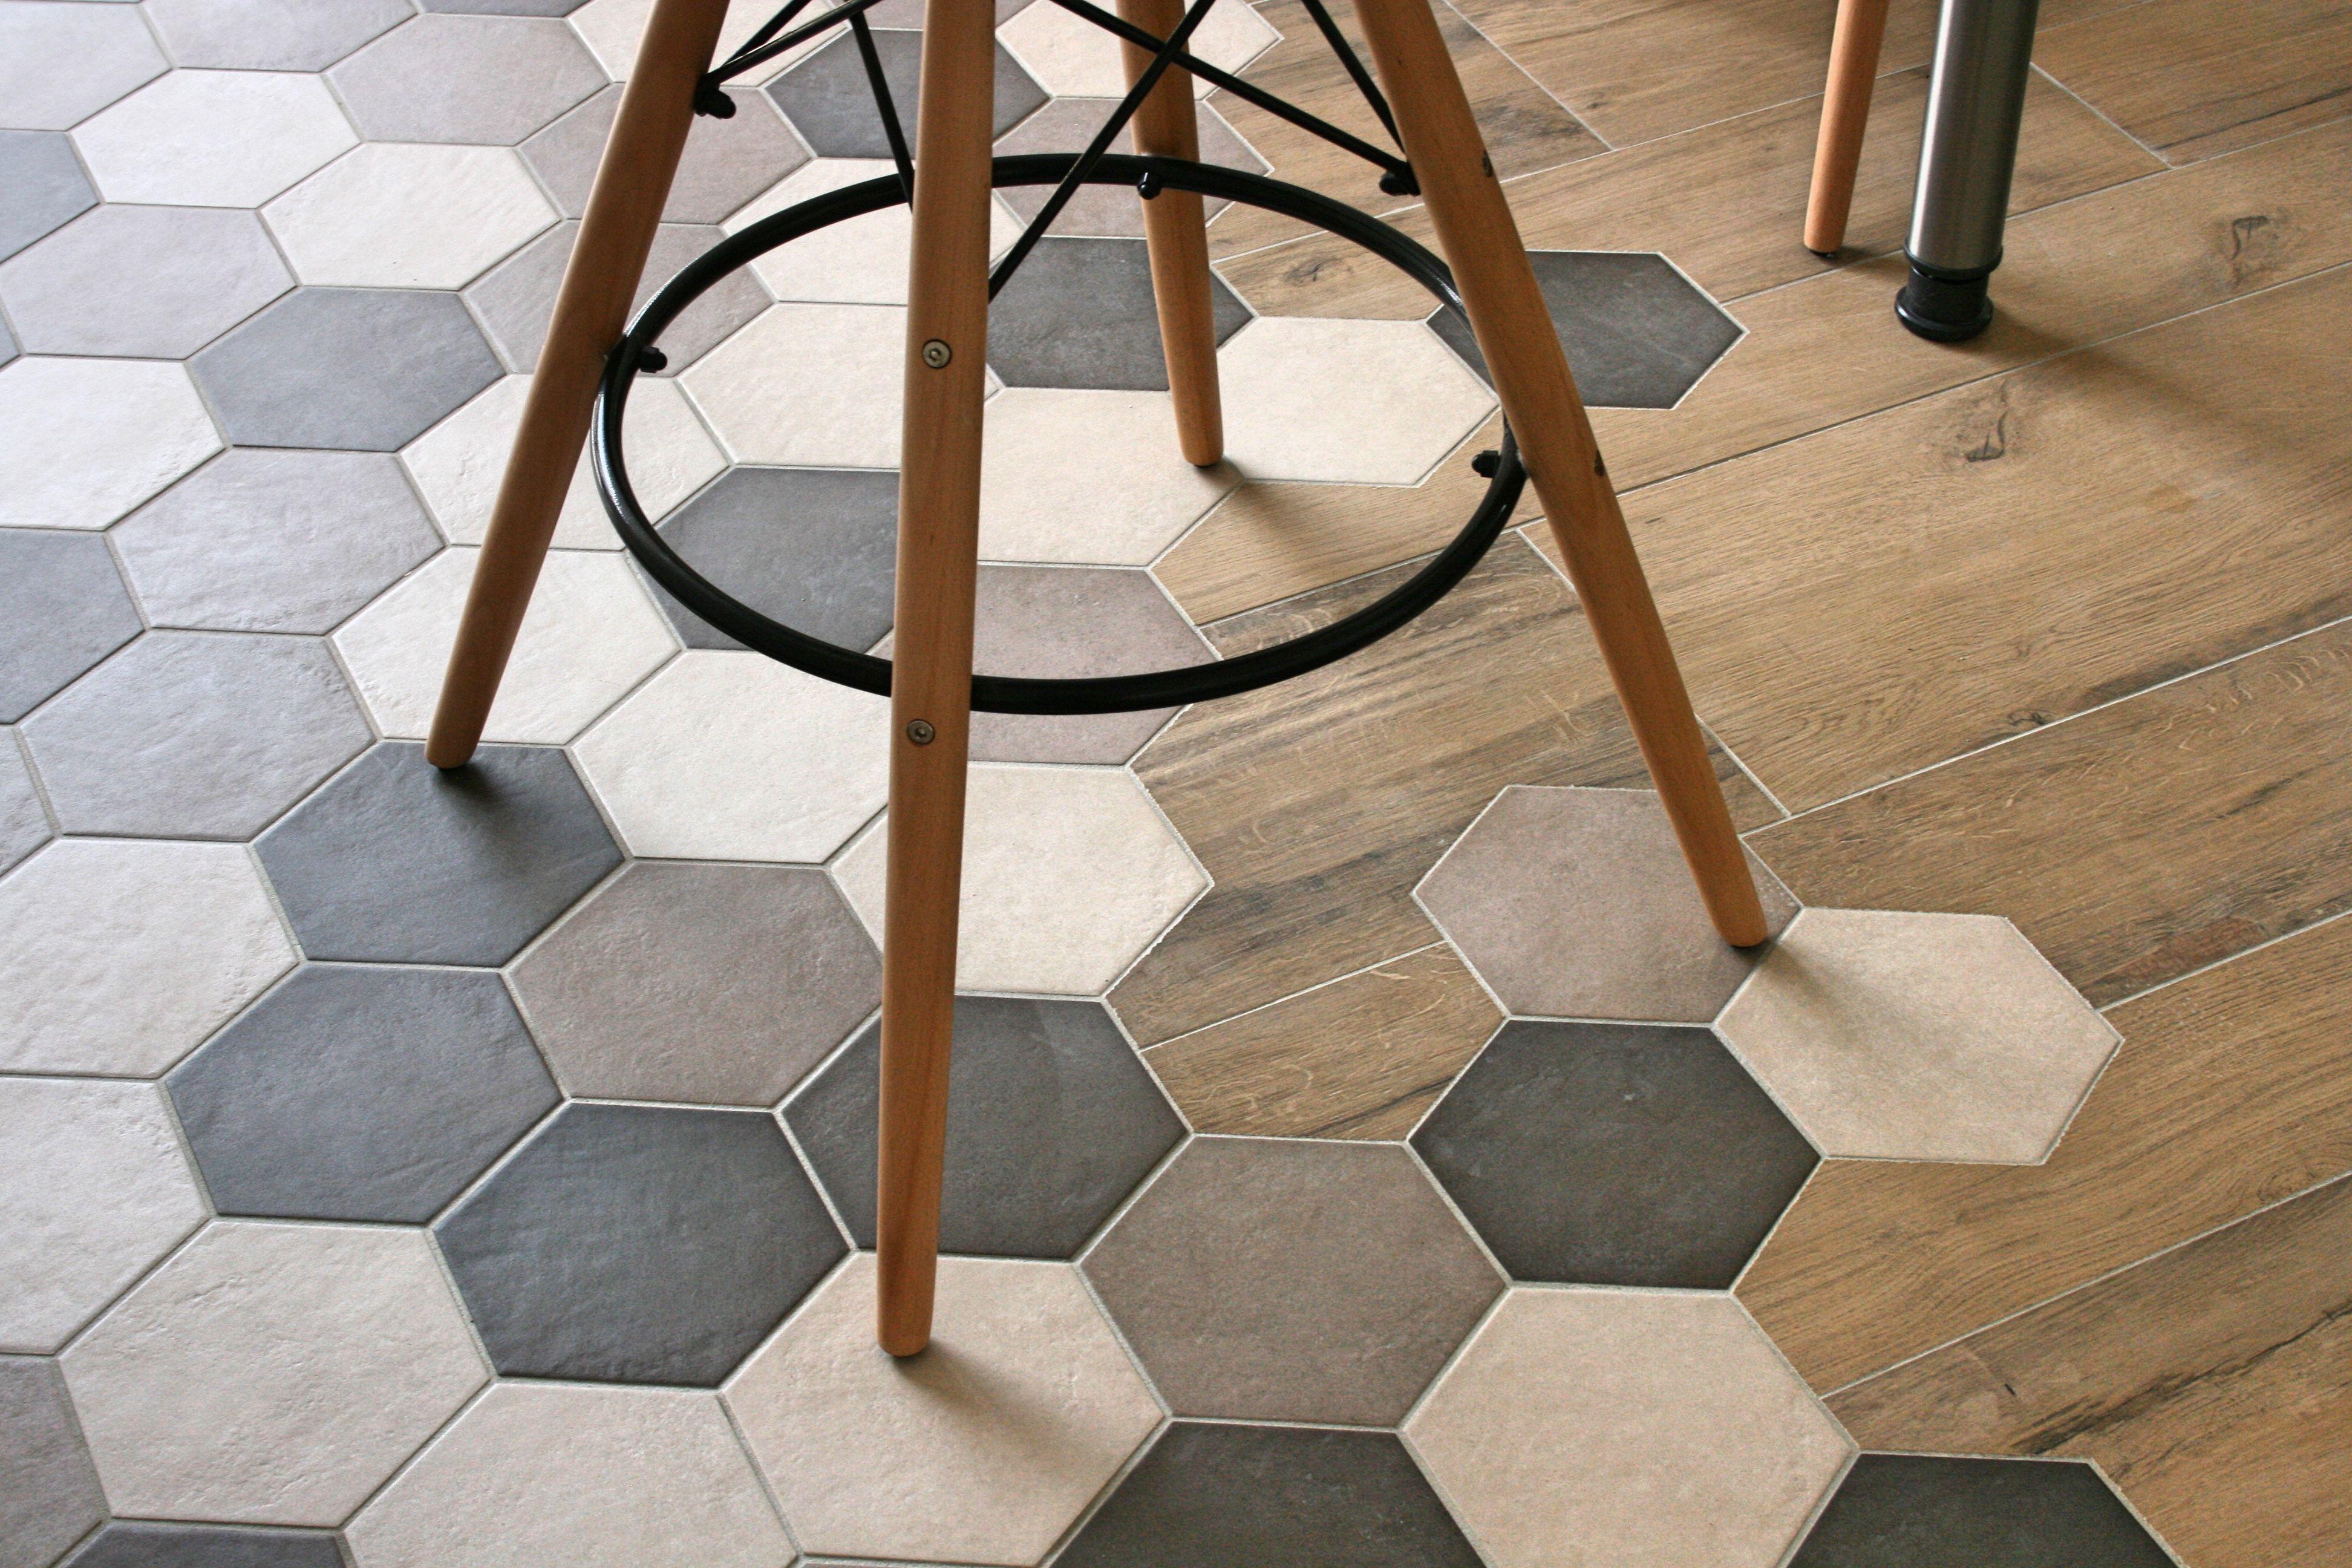 Assemblage carrelage imitation parquet bois (en 3 formats) et carrelage hexagonal. Une transitio ...